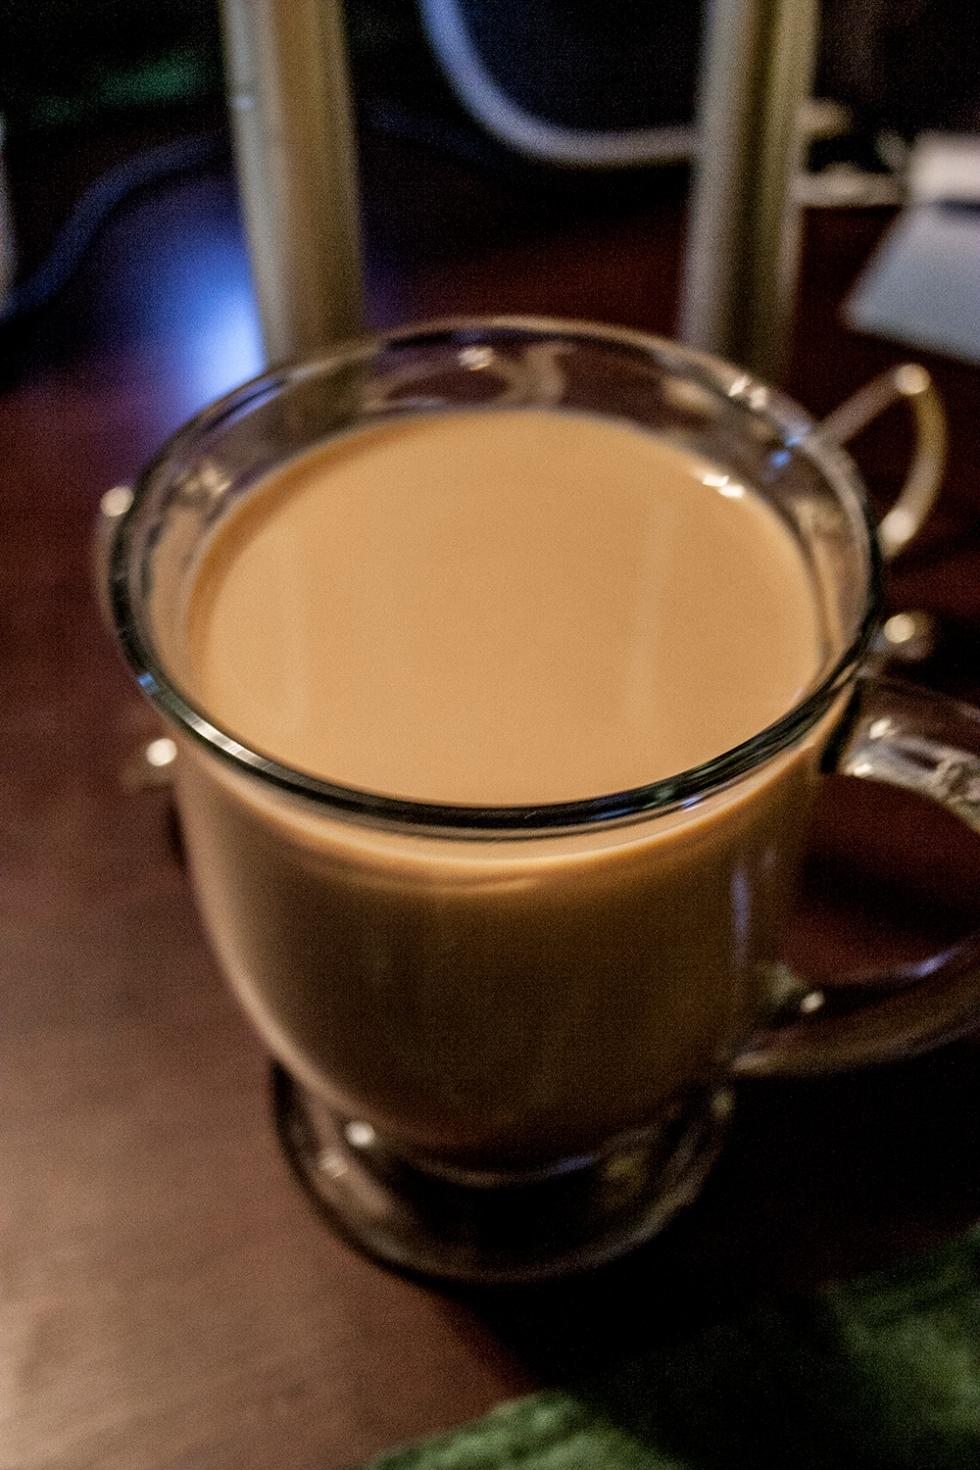 Rumrunner's Coffee